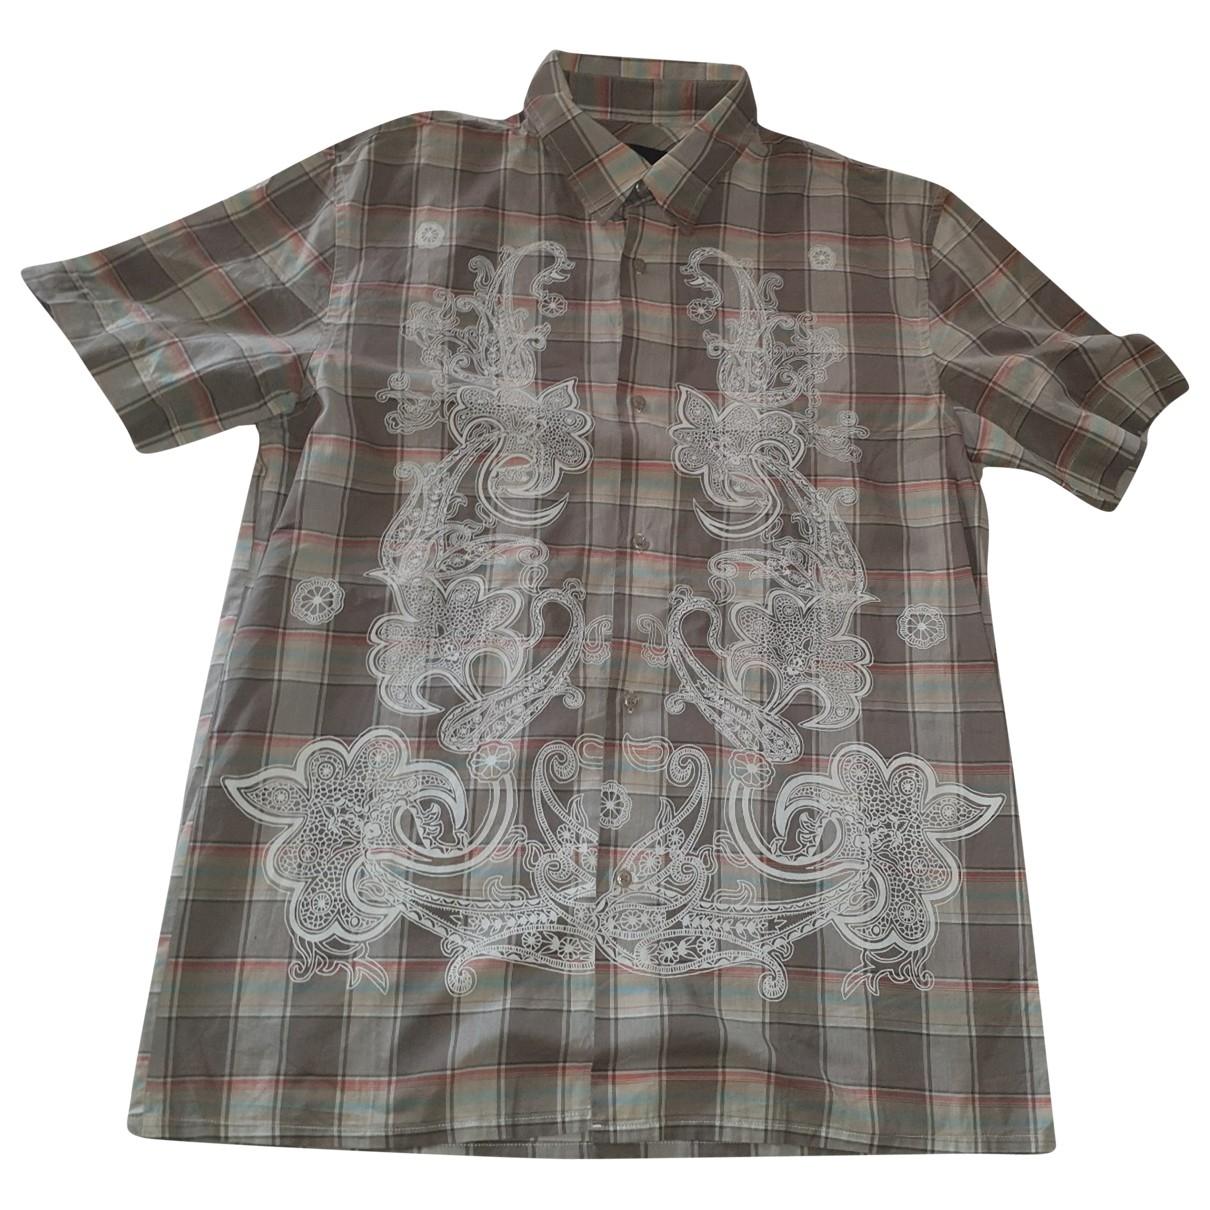 Diesel - Chemises   pour homme en coton - multicolore